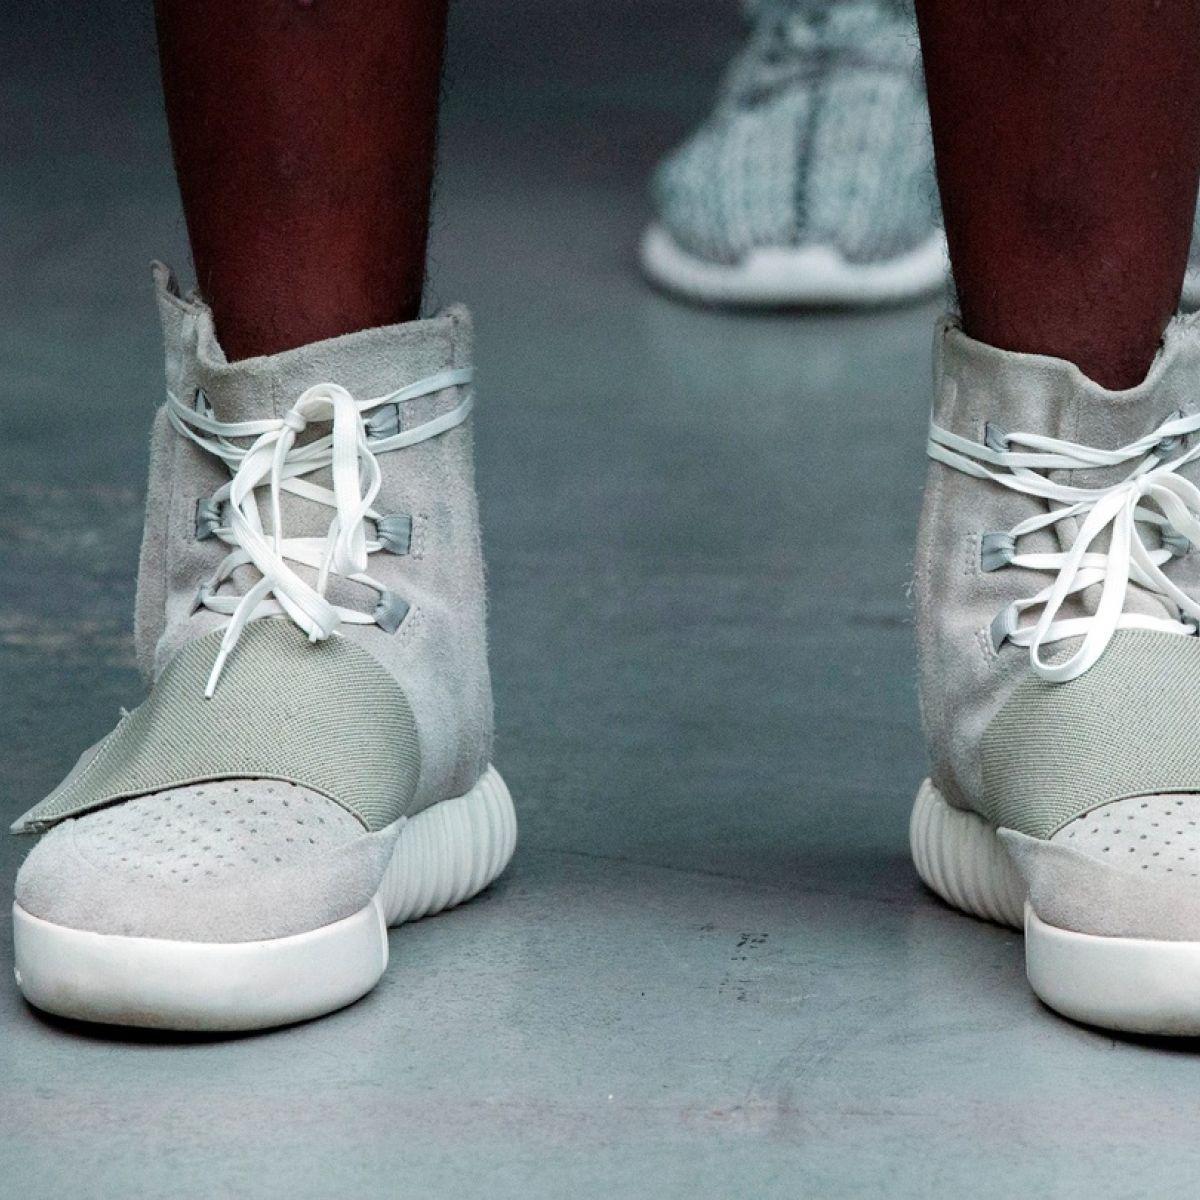 Adidas after Kanye West shoes misstep